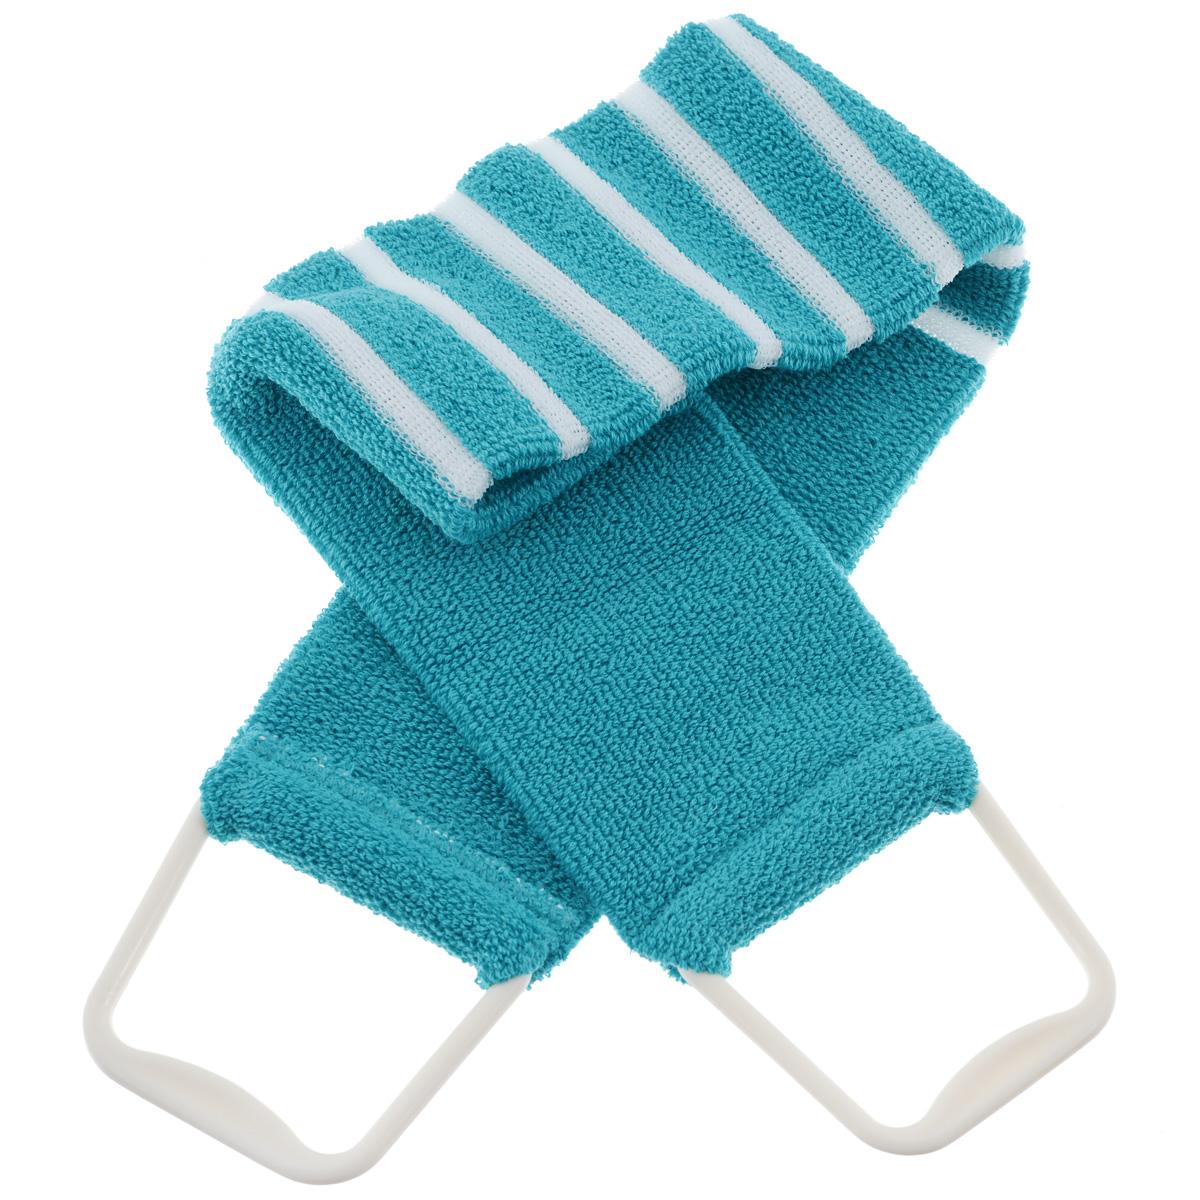 Мочалка 426, цвет: бирюзовый426 бирюзовыйМочалка-пояс Riffi применяется для мытья тела, обладает активным пилинговым действием, тонизируя, массируя и эффективно очищая вашу кожу. Мягкая хлопковая мочалка-пояс хорошо намыливает тело, а ее цветные полоски из жесткой полиэтиленовой махры эффективно удаляют отмершие чешуйки кожи, производя одновременно с пилингом и легкий массаж. Для удобства применения пояс снабжен двумя пластиковыми ручками. Благодаря отшелушивающему эффекту мочалки-пояса, кожа освобождается от отмерших клеток, становится гладкой, упругой и свежей. Интенсивный и пощипывающе свежий массаж тела с применением Riffi стимулирует кровообращение, активирует кровоснабжение, способствует обмену веществ, что в свою очередь позволяет себя чувствовать бодрым и отдохнувшим после принятия душа или ванны. Riffi регенерирует кожу, делает ее приятно нежной, мягкой и лучше готовой к принятию косметических средств. Приносит приятное расслабление всему организму. Борется со спазмами и болями в мышцах, предупреждает...